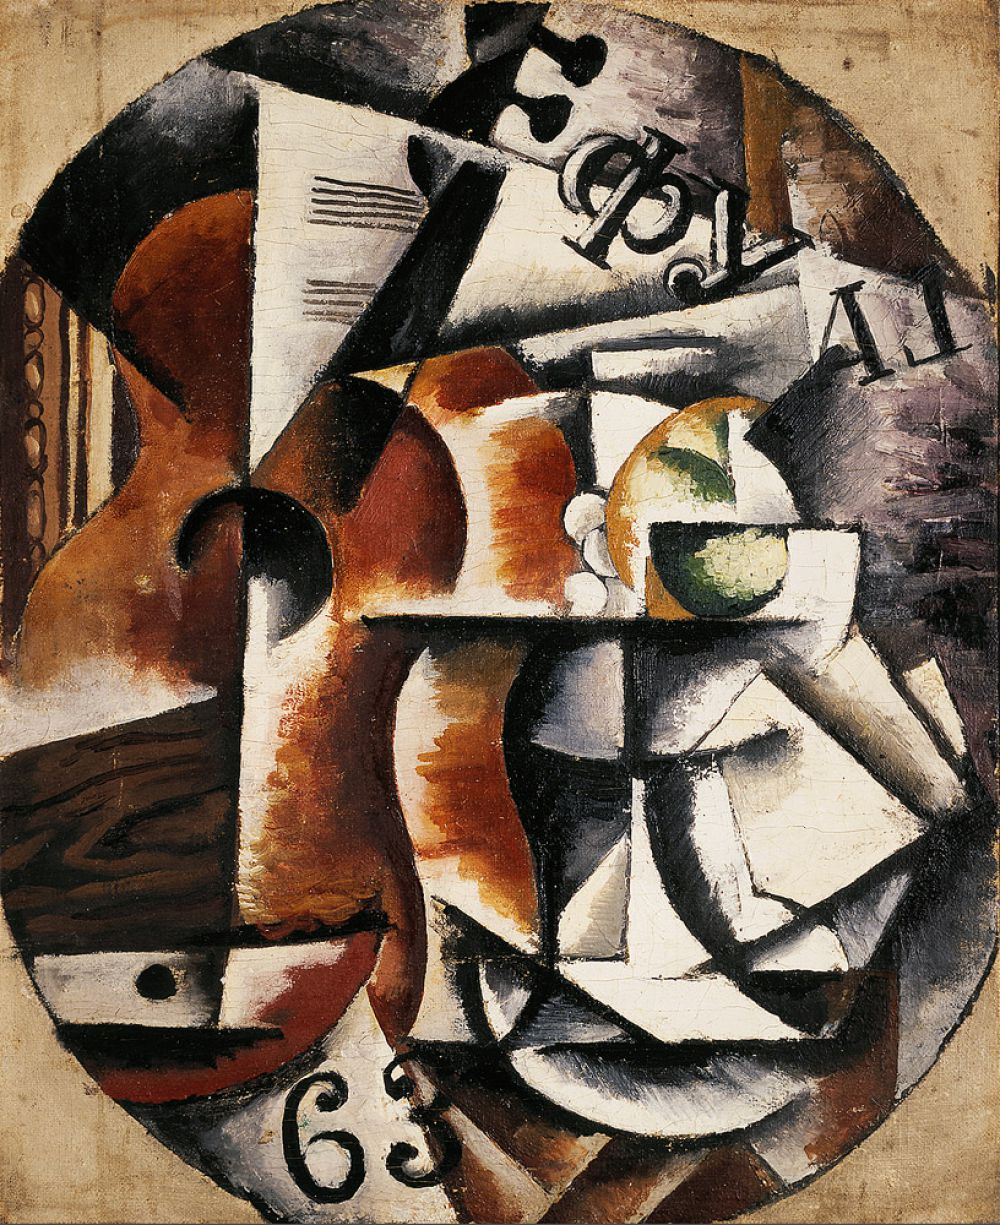 Костаки стал первым коллекционером, который понял ценность искусства русского авангарда. Работы, которые современники Костаки относили к «никому не нужному мусору», он приобретал у самих художников и их наследников, тем самым материально поддерживал их.